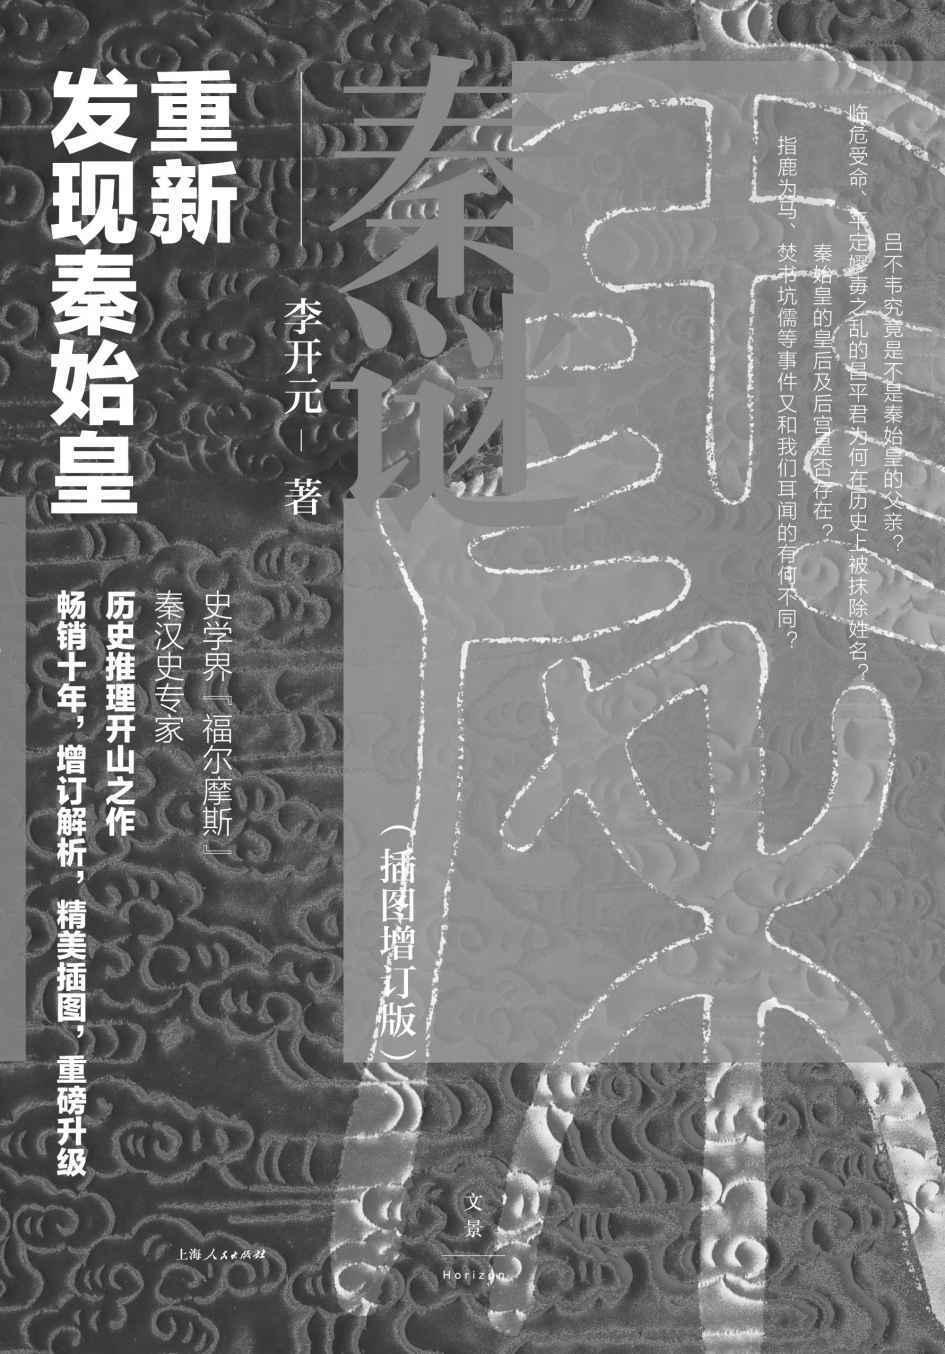 秦谜(插图增订版)李开元pdf-epub-mobi-txt-azw3